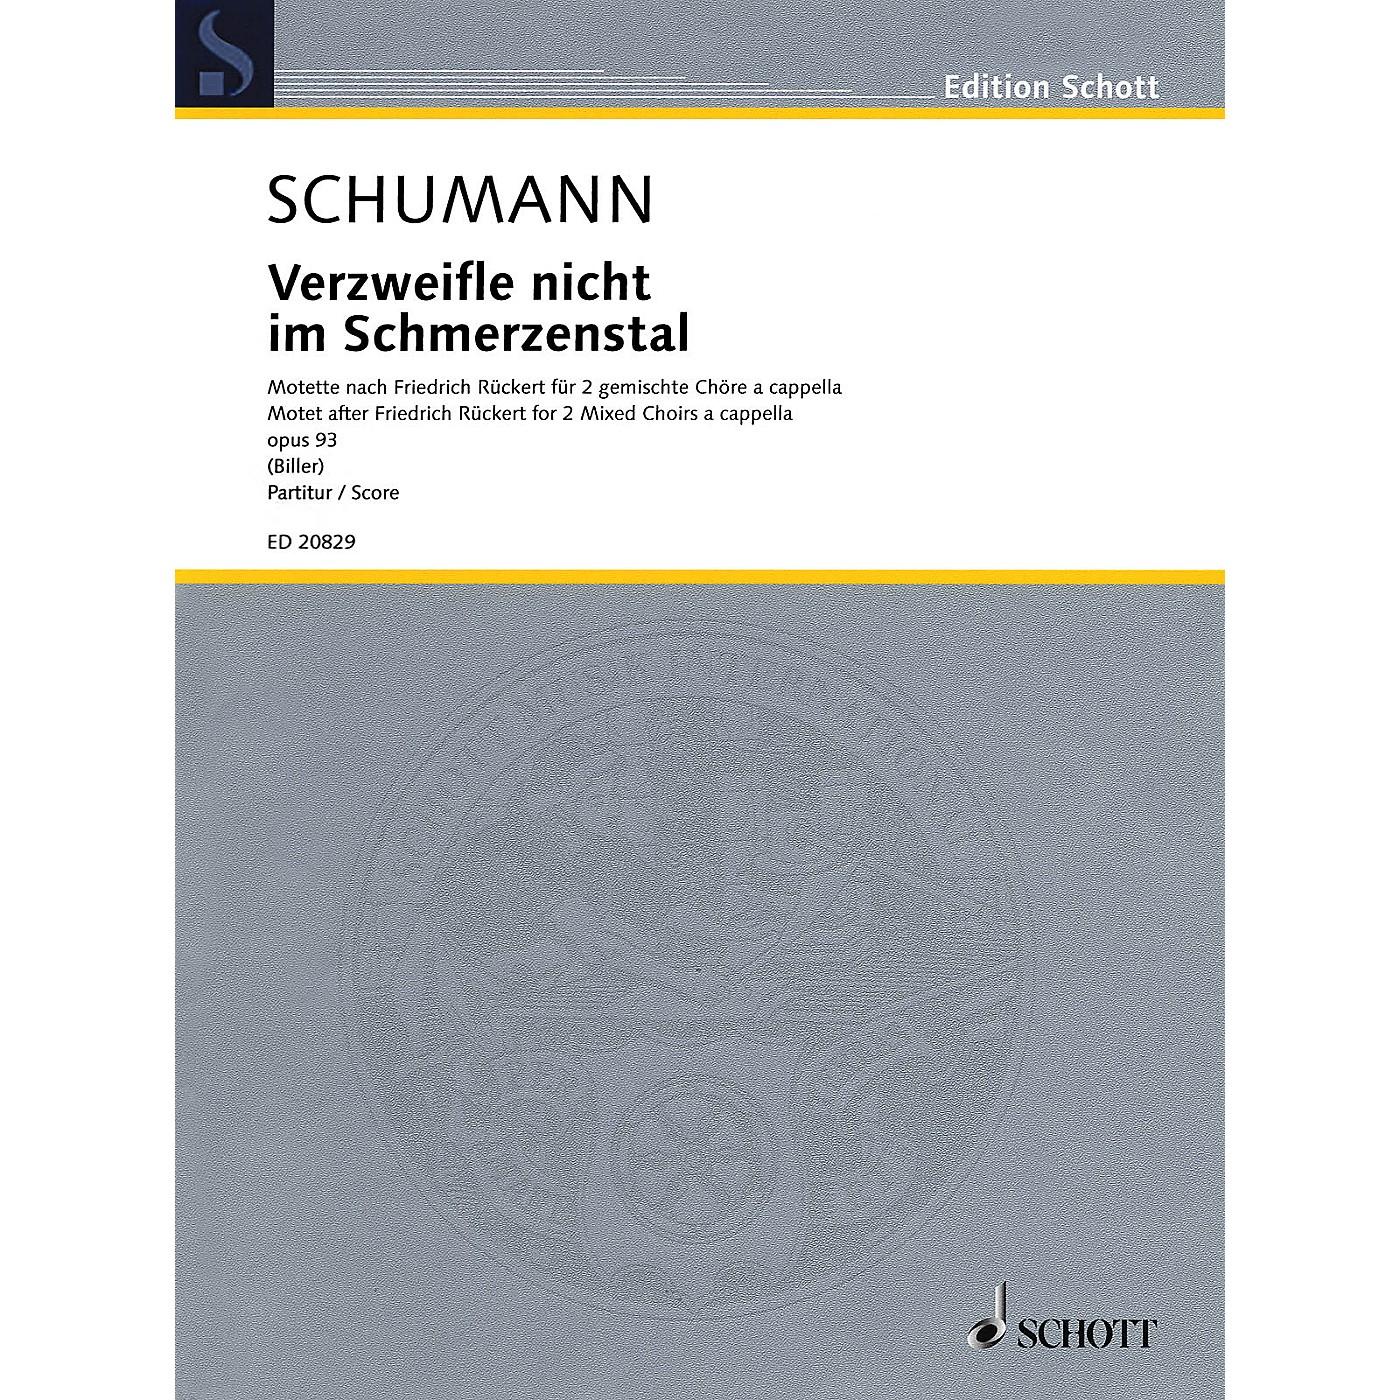 Schott Verzweifle nicht im Schmerzenstal Op. 93 SSAATTBB Composed by Schumann Arranged by Georg Christoph Biller thumbnail